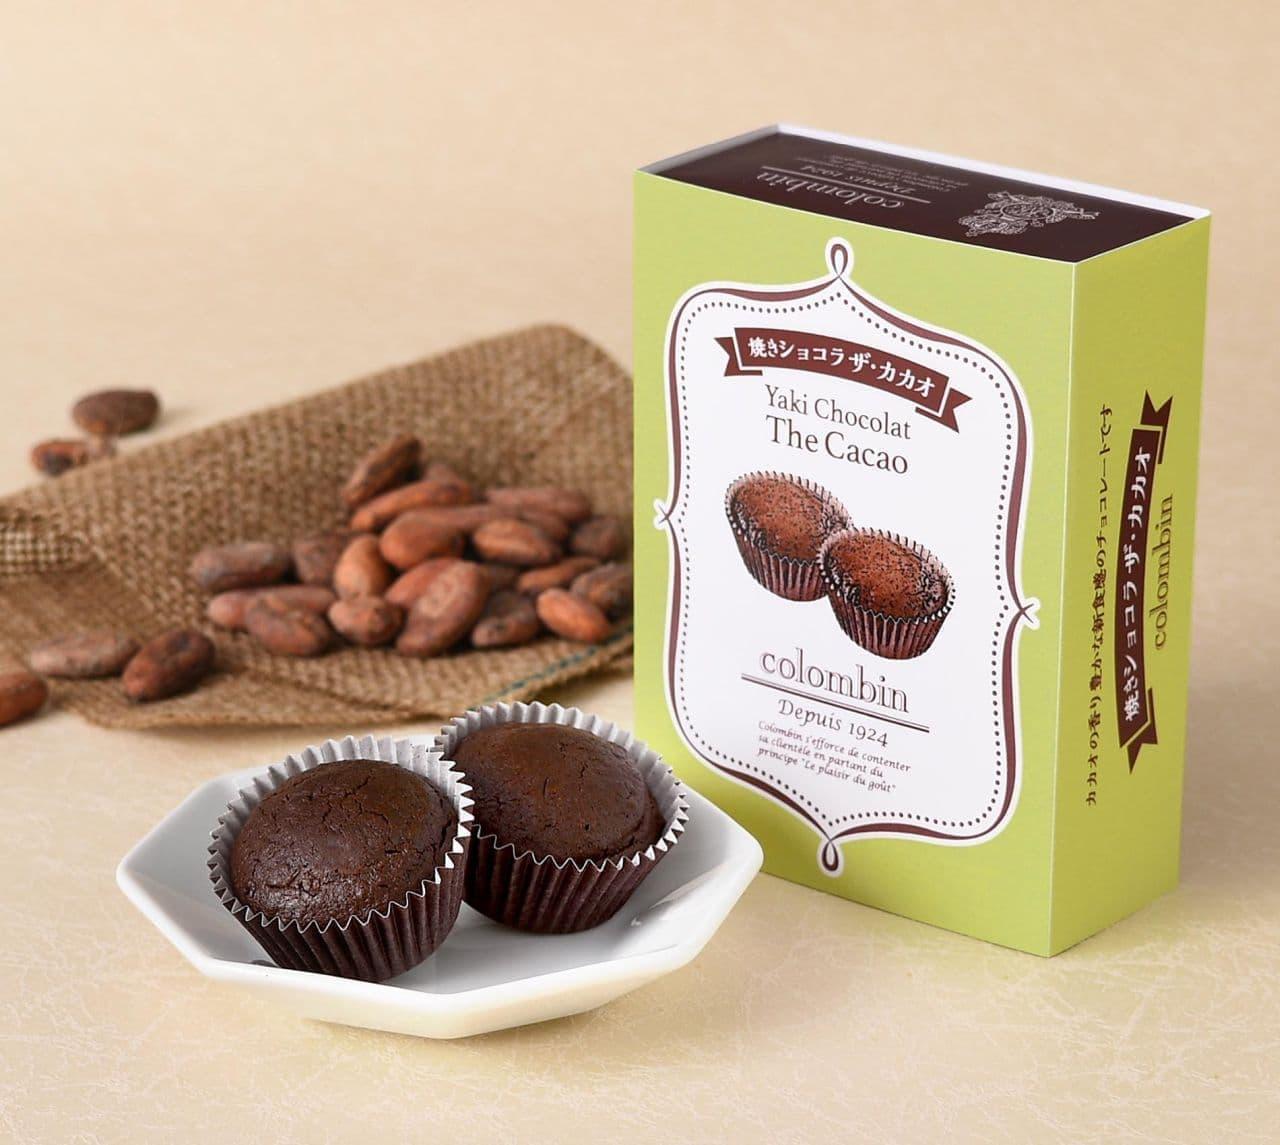 コロンバン「焼きショコラThe Cacao」